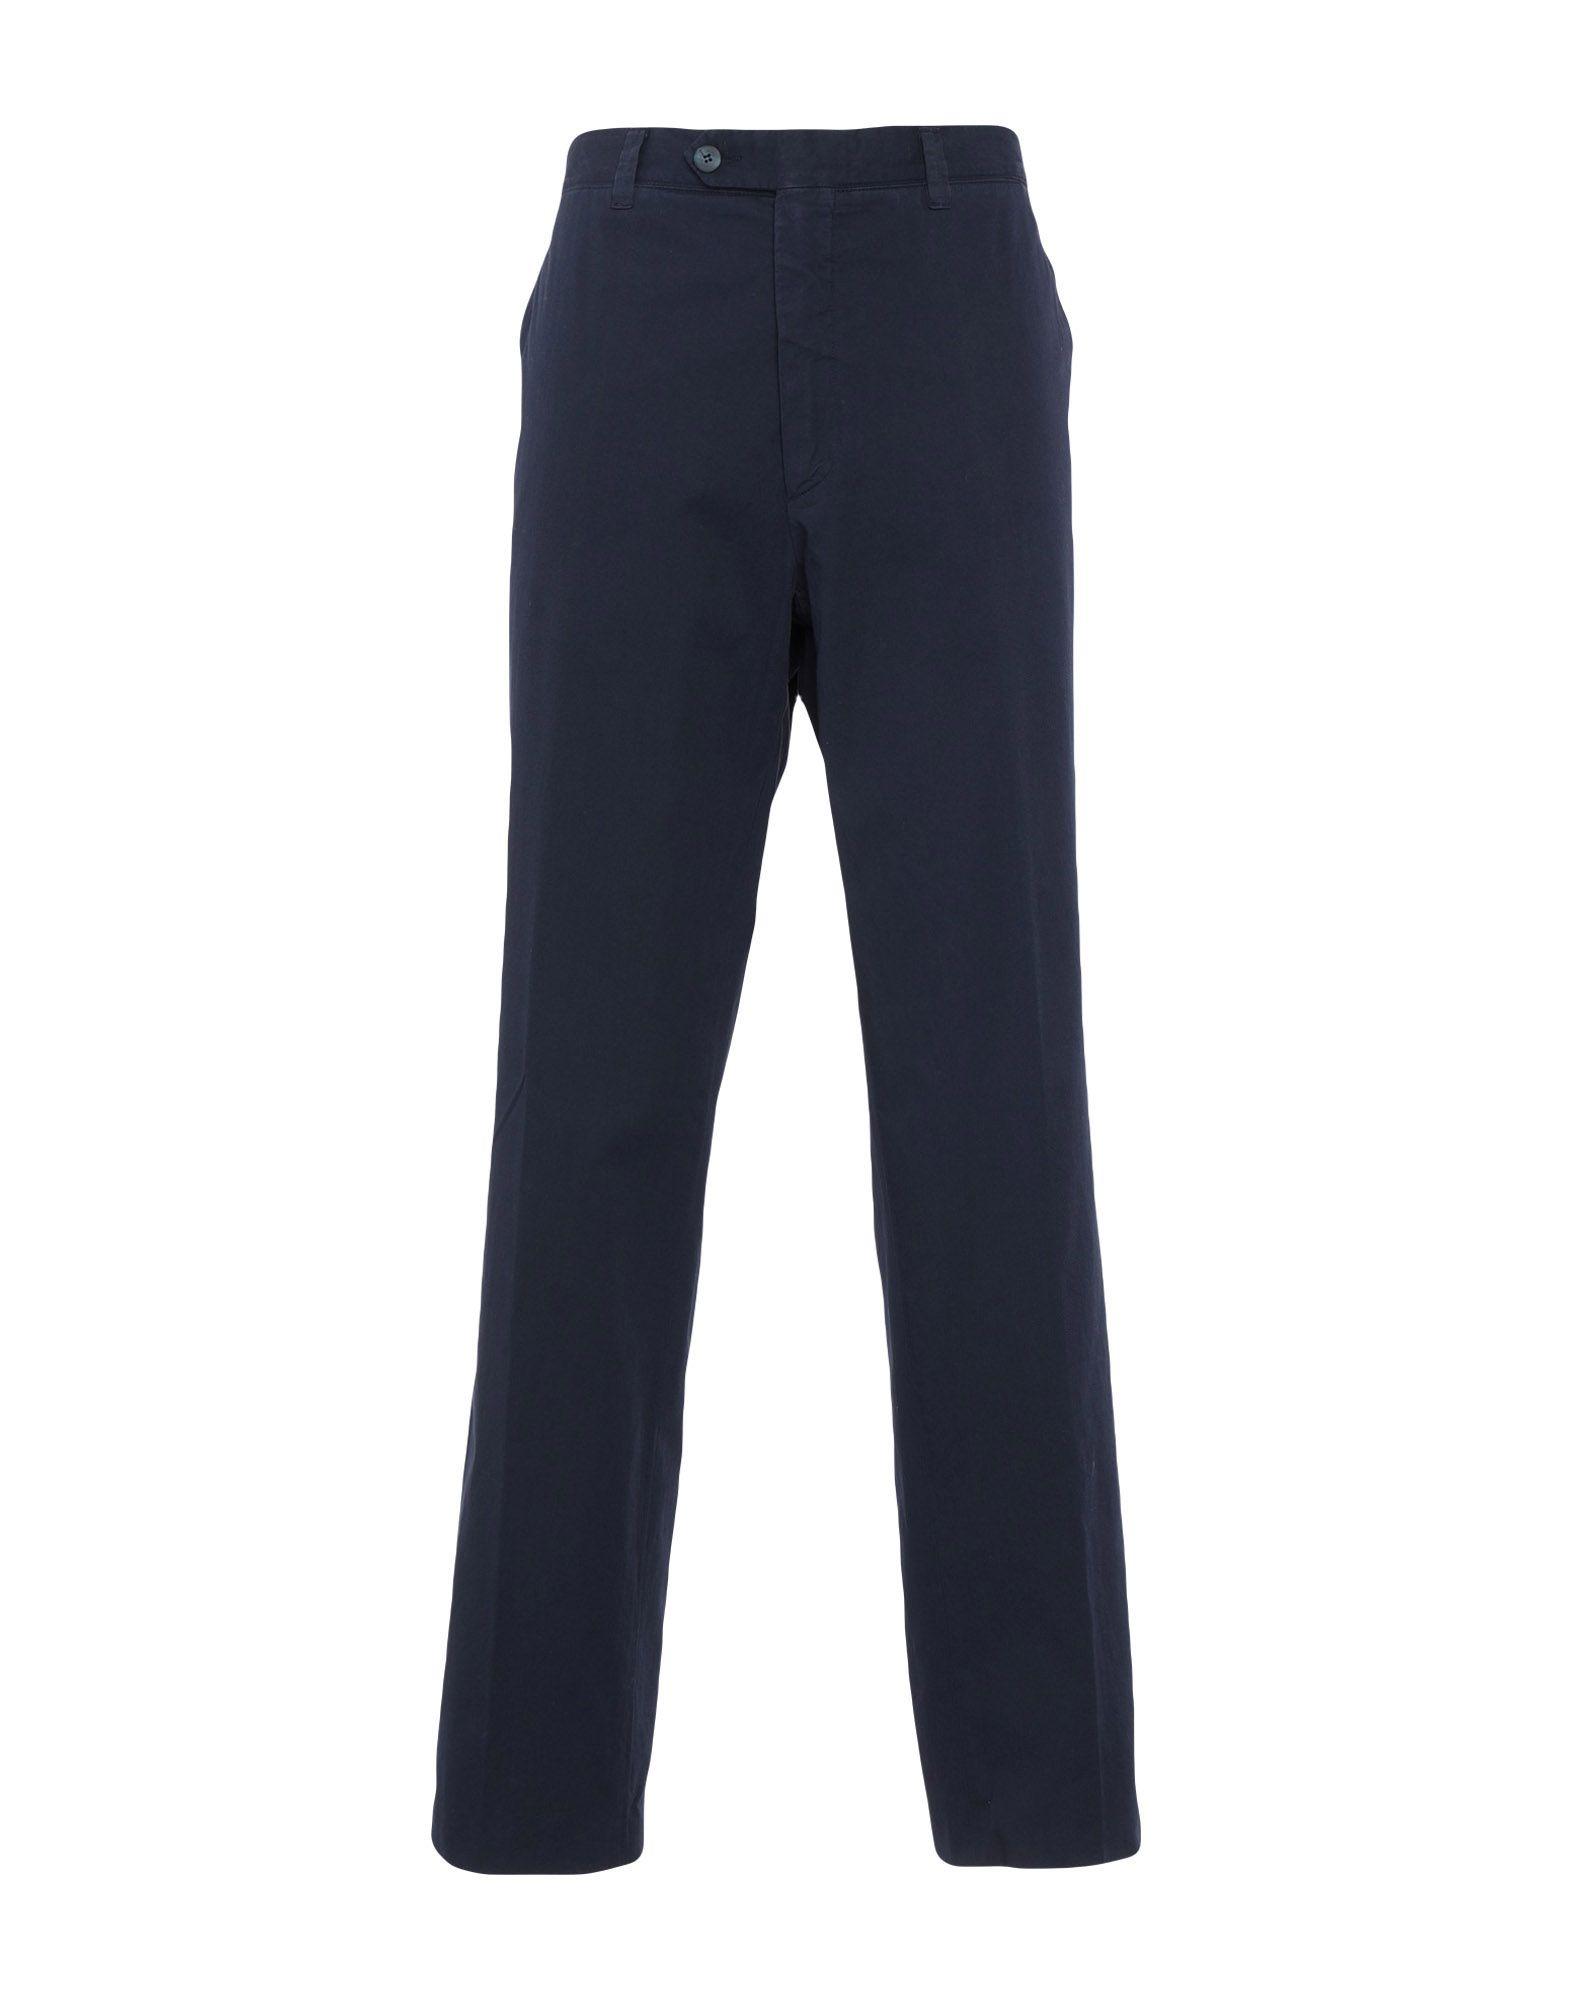 Pantalone Zanella uomo - 13302330SE